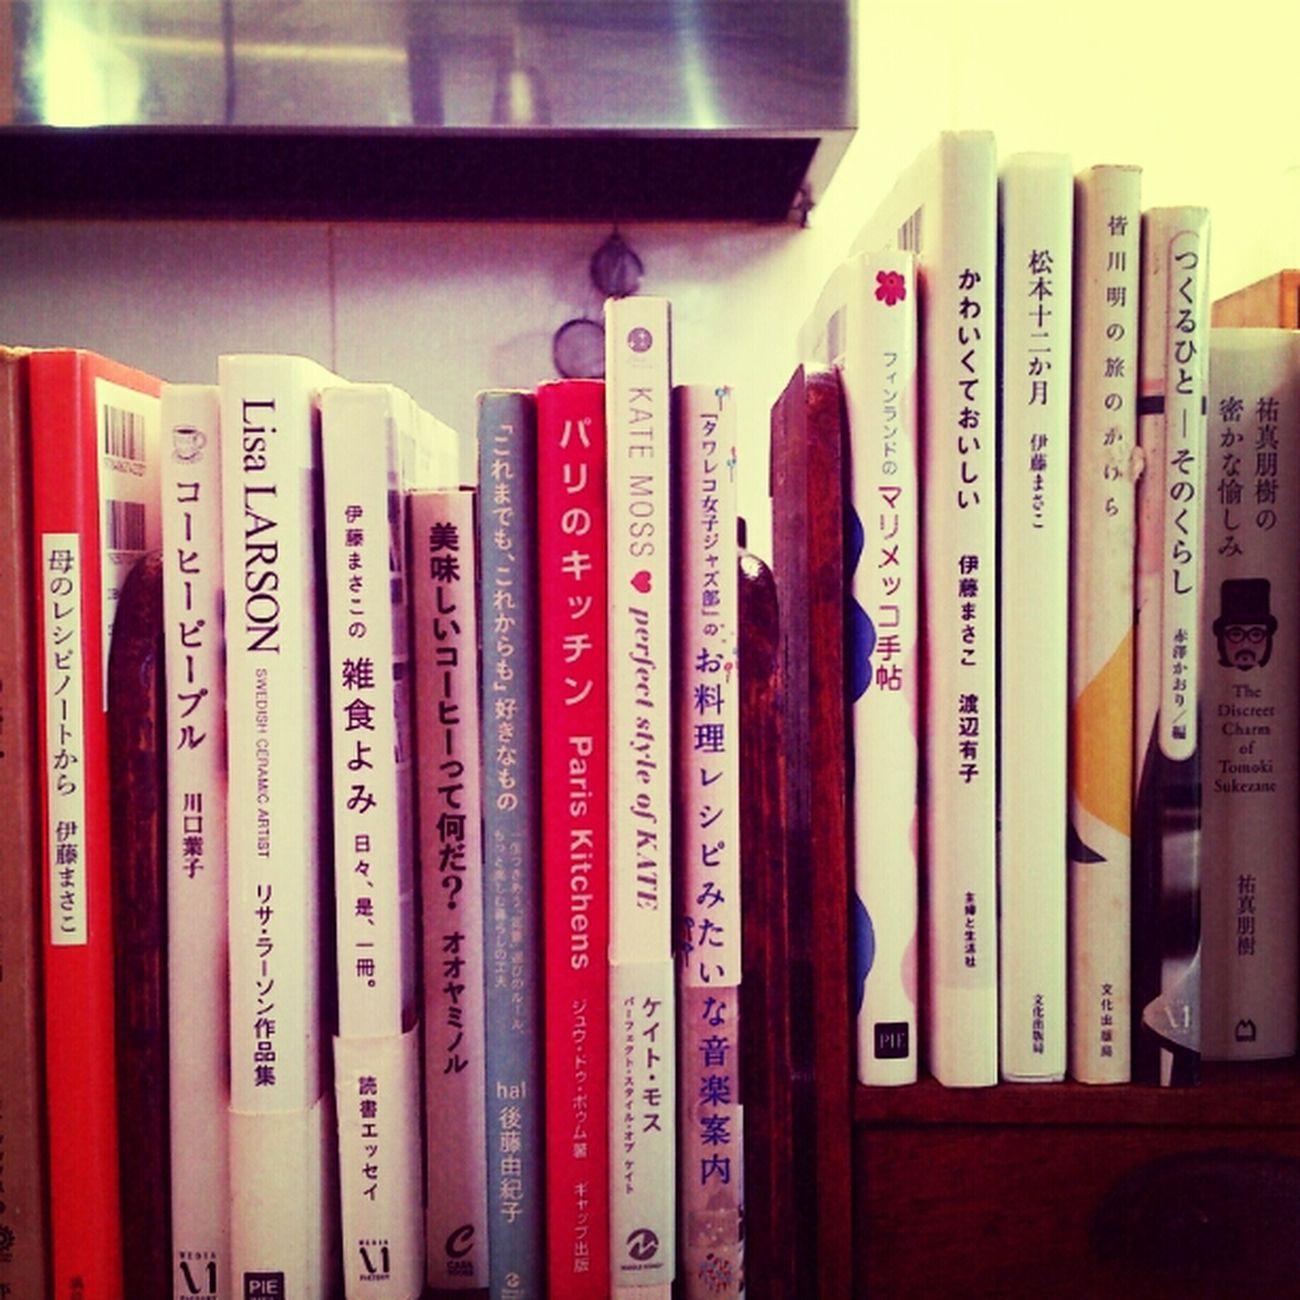 本がたくさん並んでるのってかわいいな( ´艸`) Relaxing @cafe